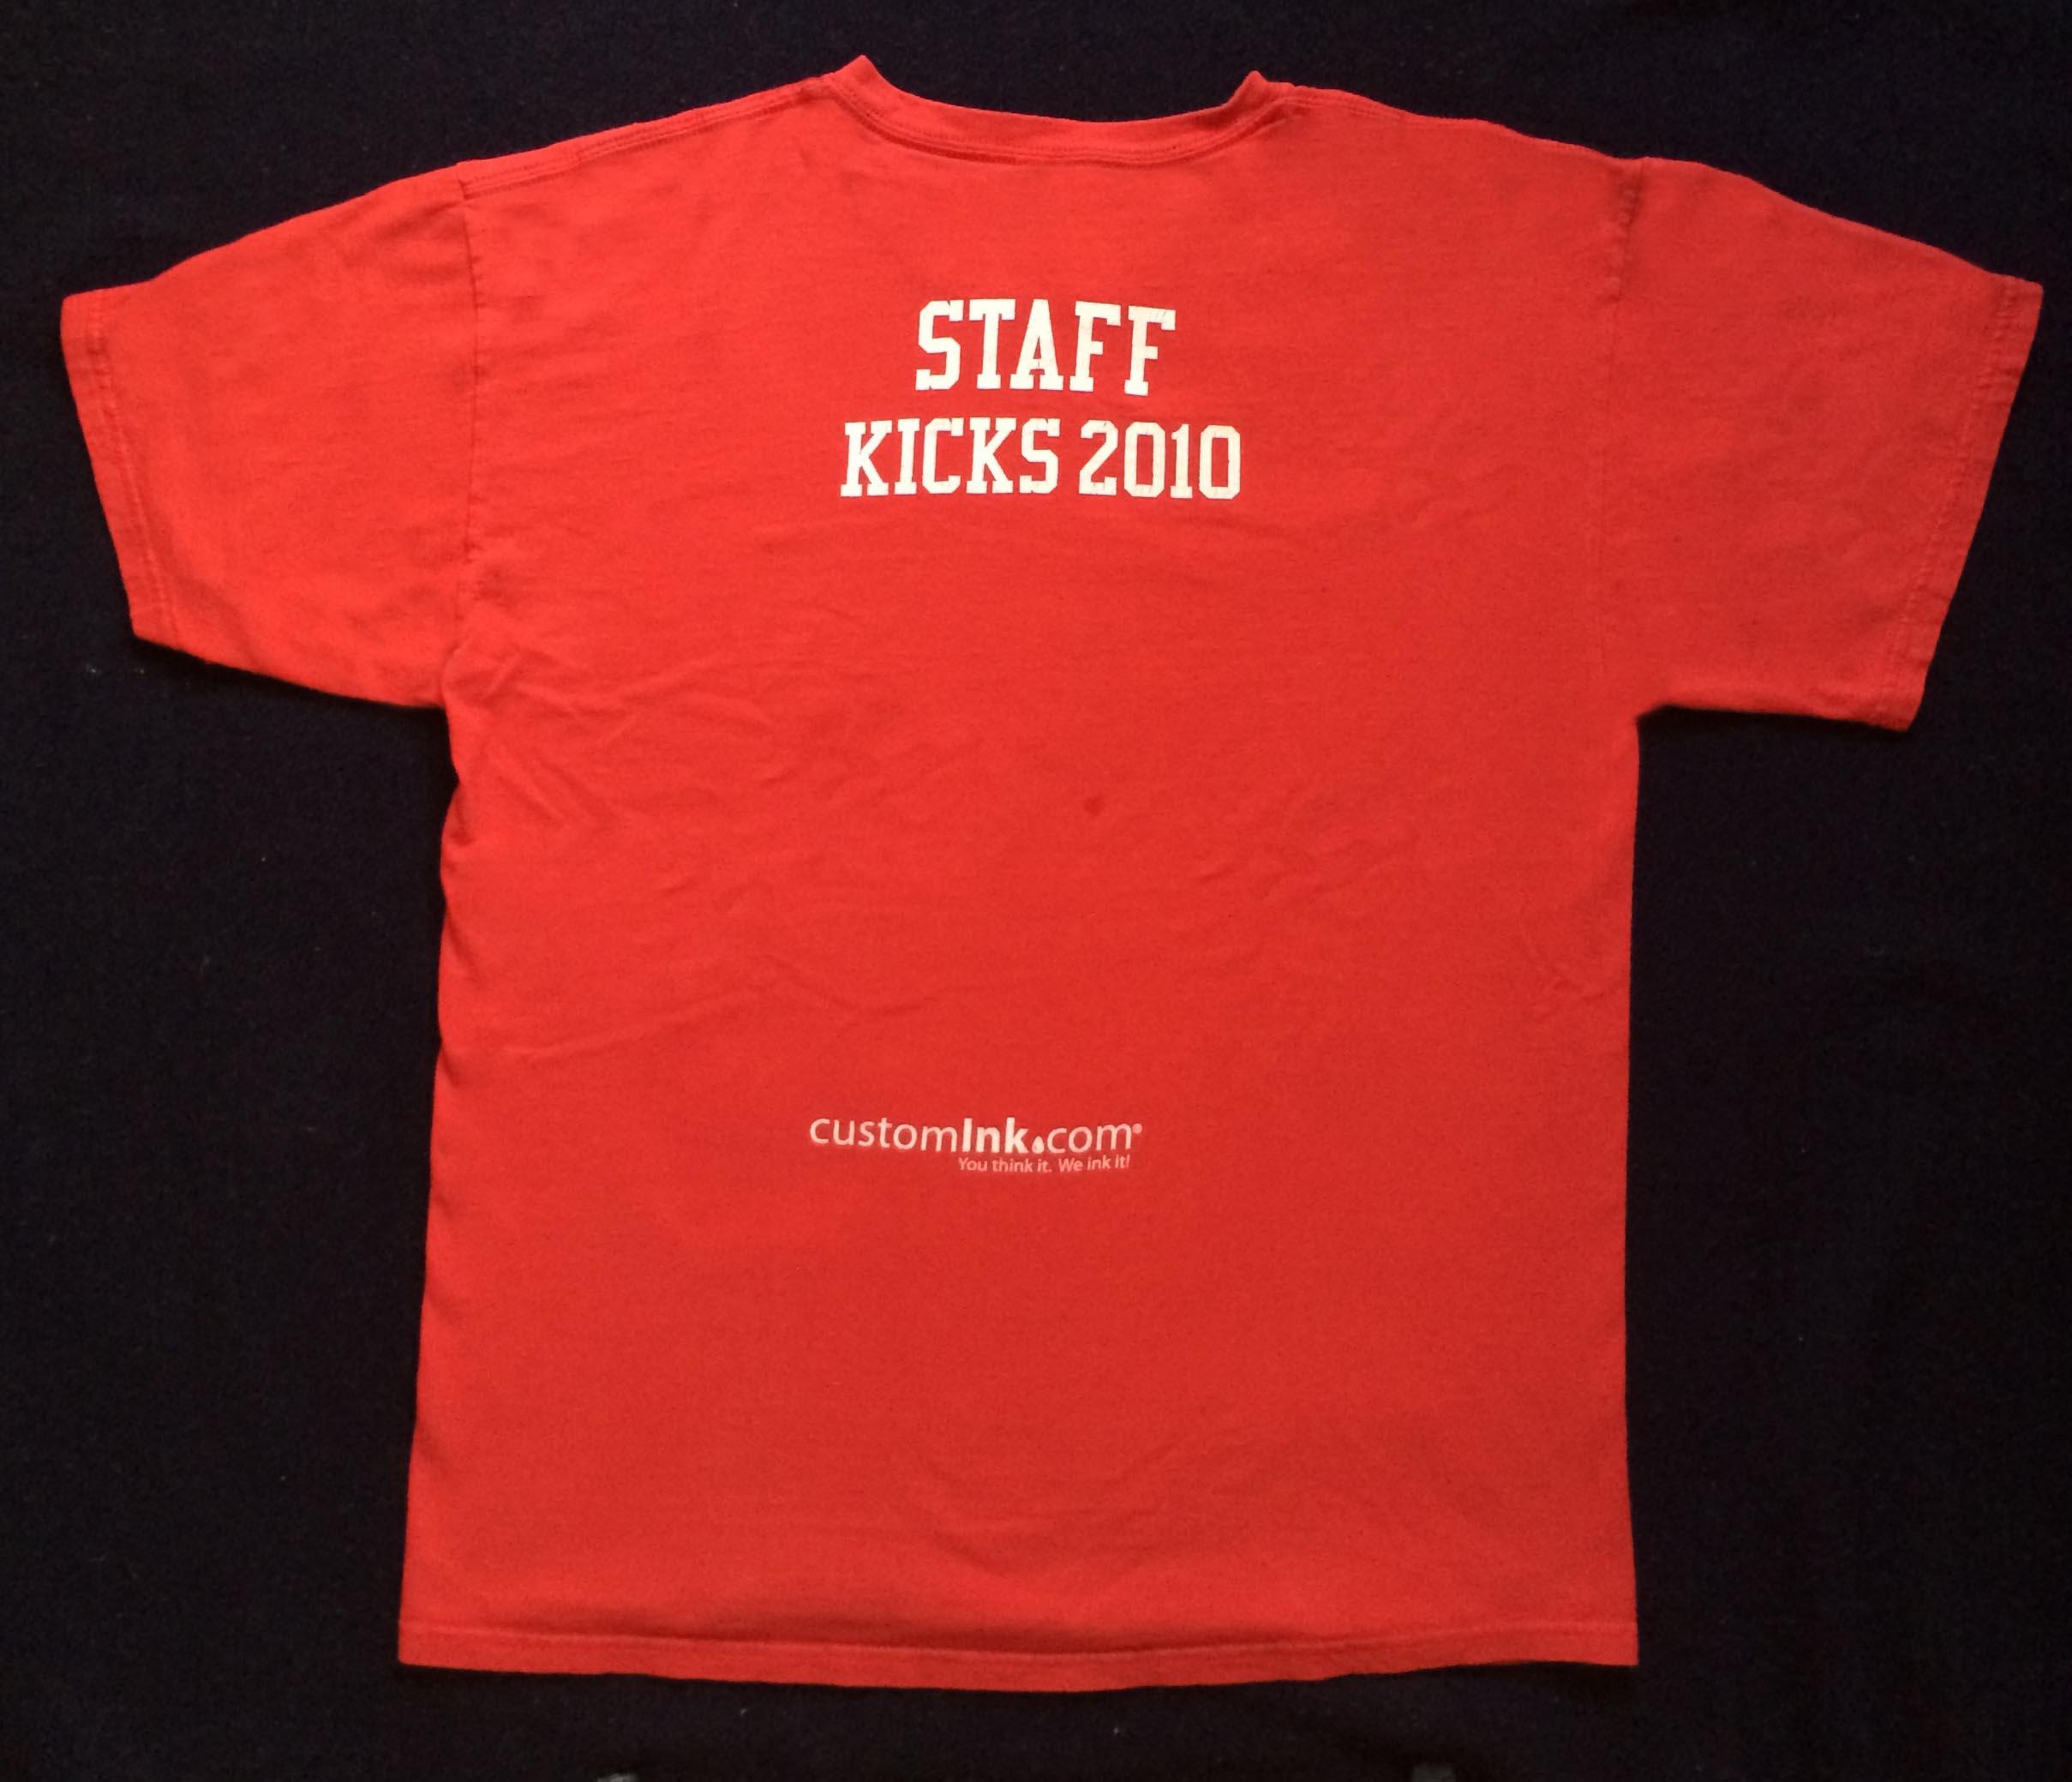 2010 K.I.C.K.S. T-Shirt (Back) - Oct. 3, 2010